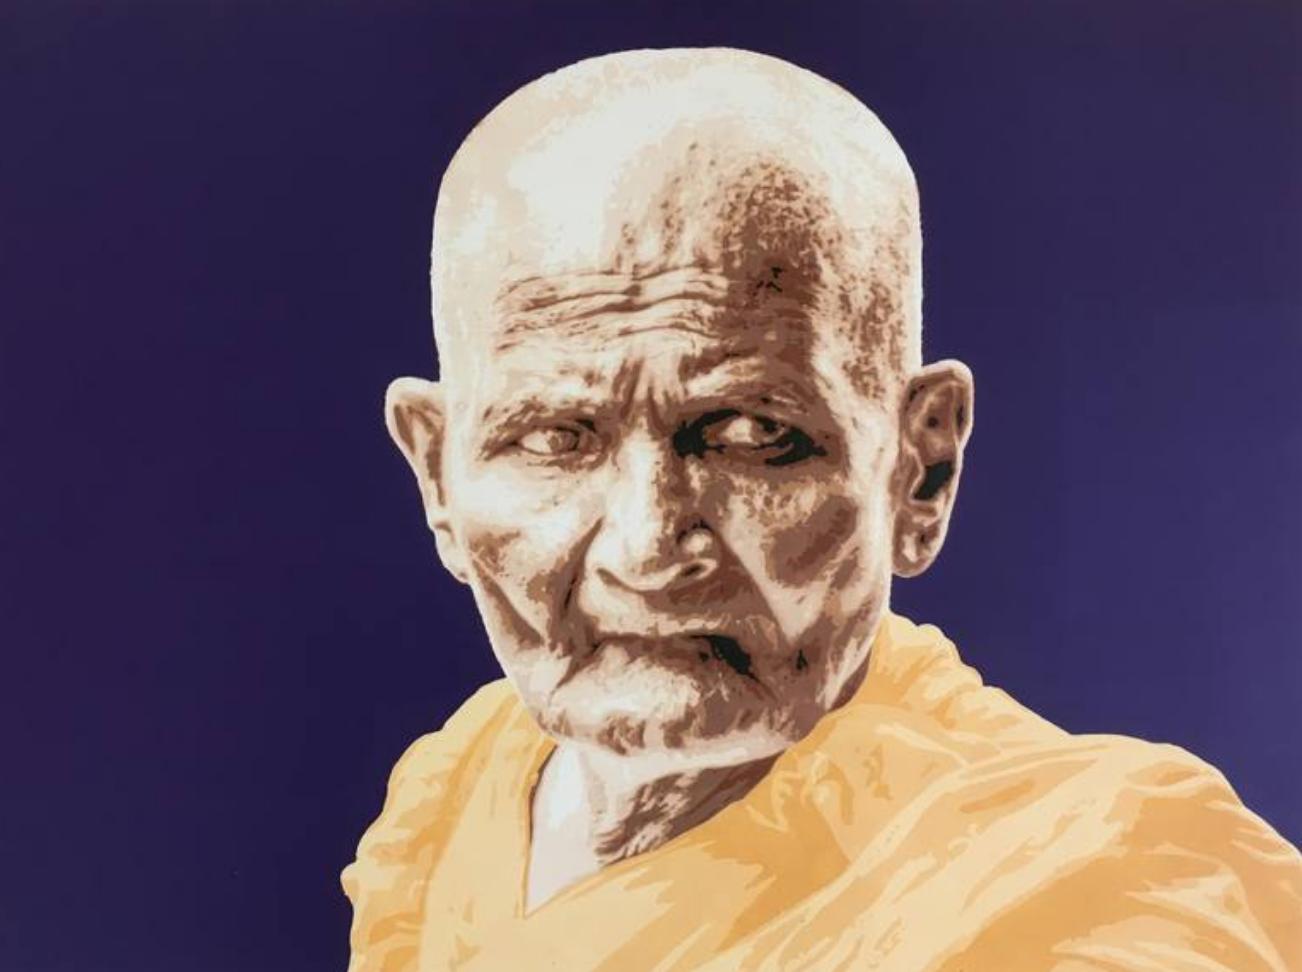 Artwork - The Monk Stencils